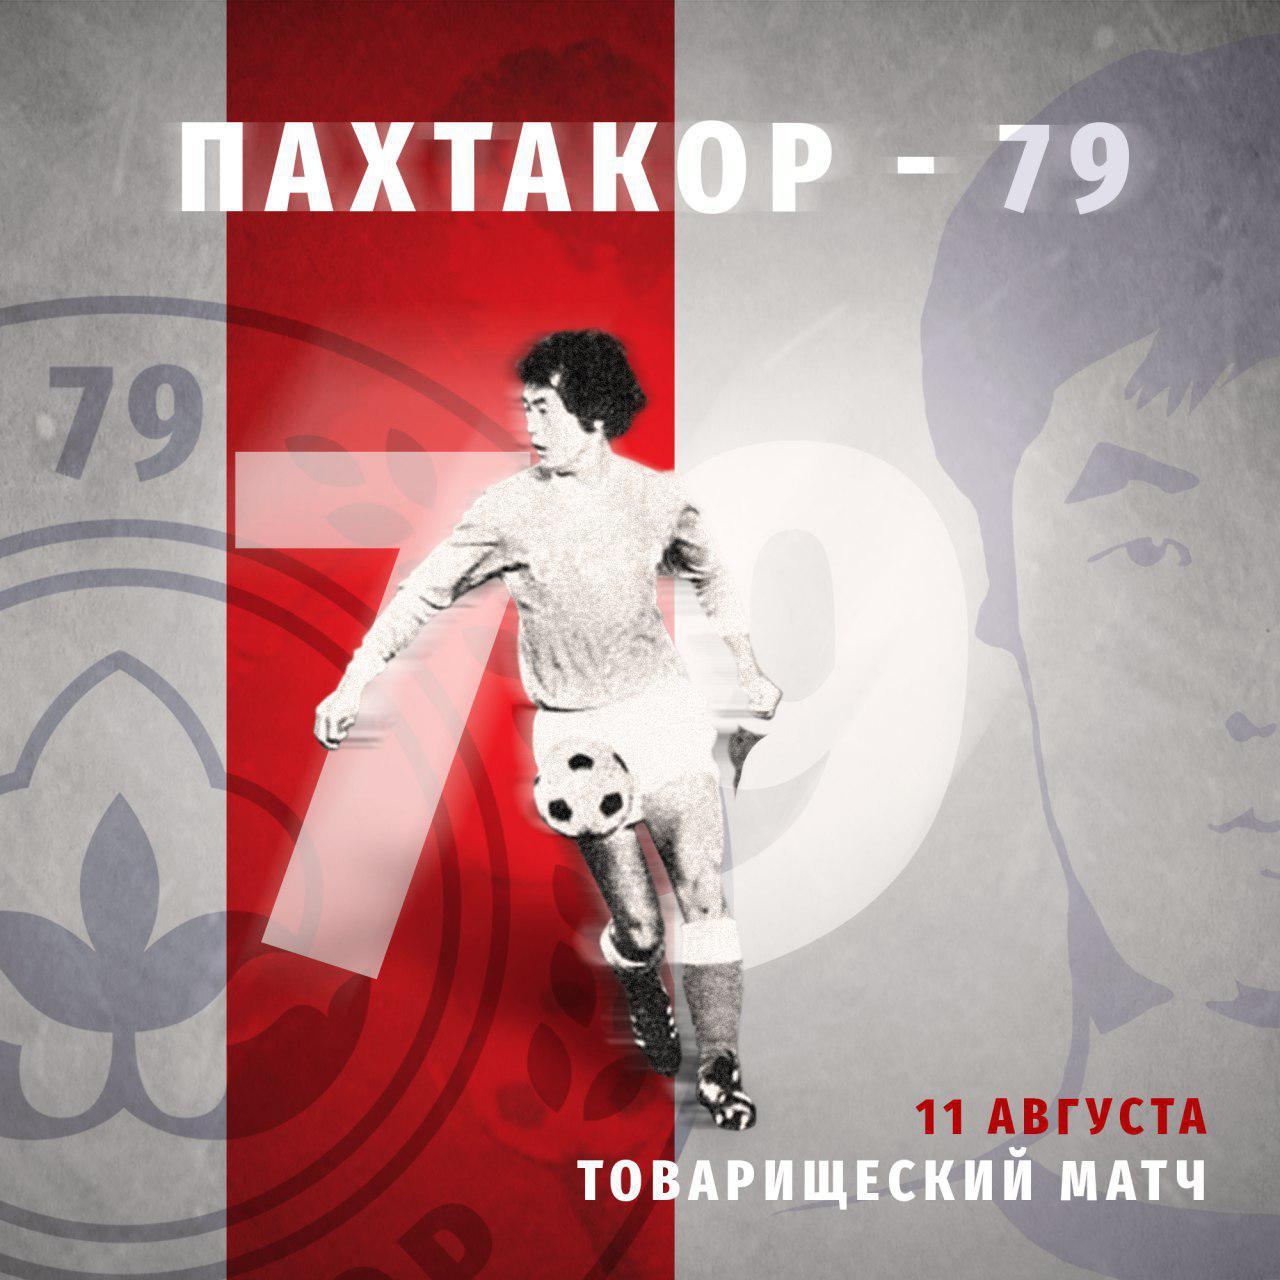 Памяти «Пахтакора»:  звёзды советского футбола сыграют товарищеский матч в Ташкенте